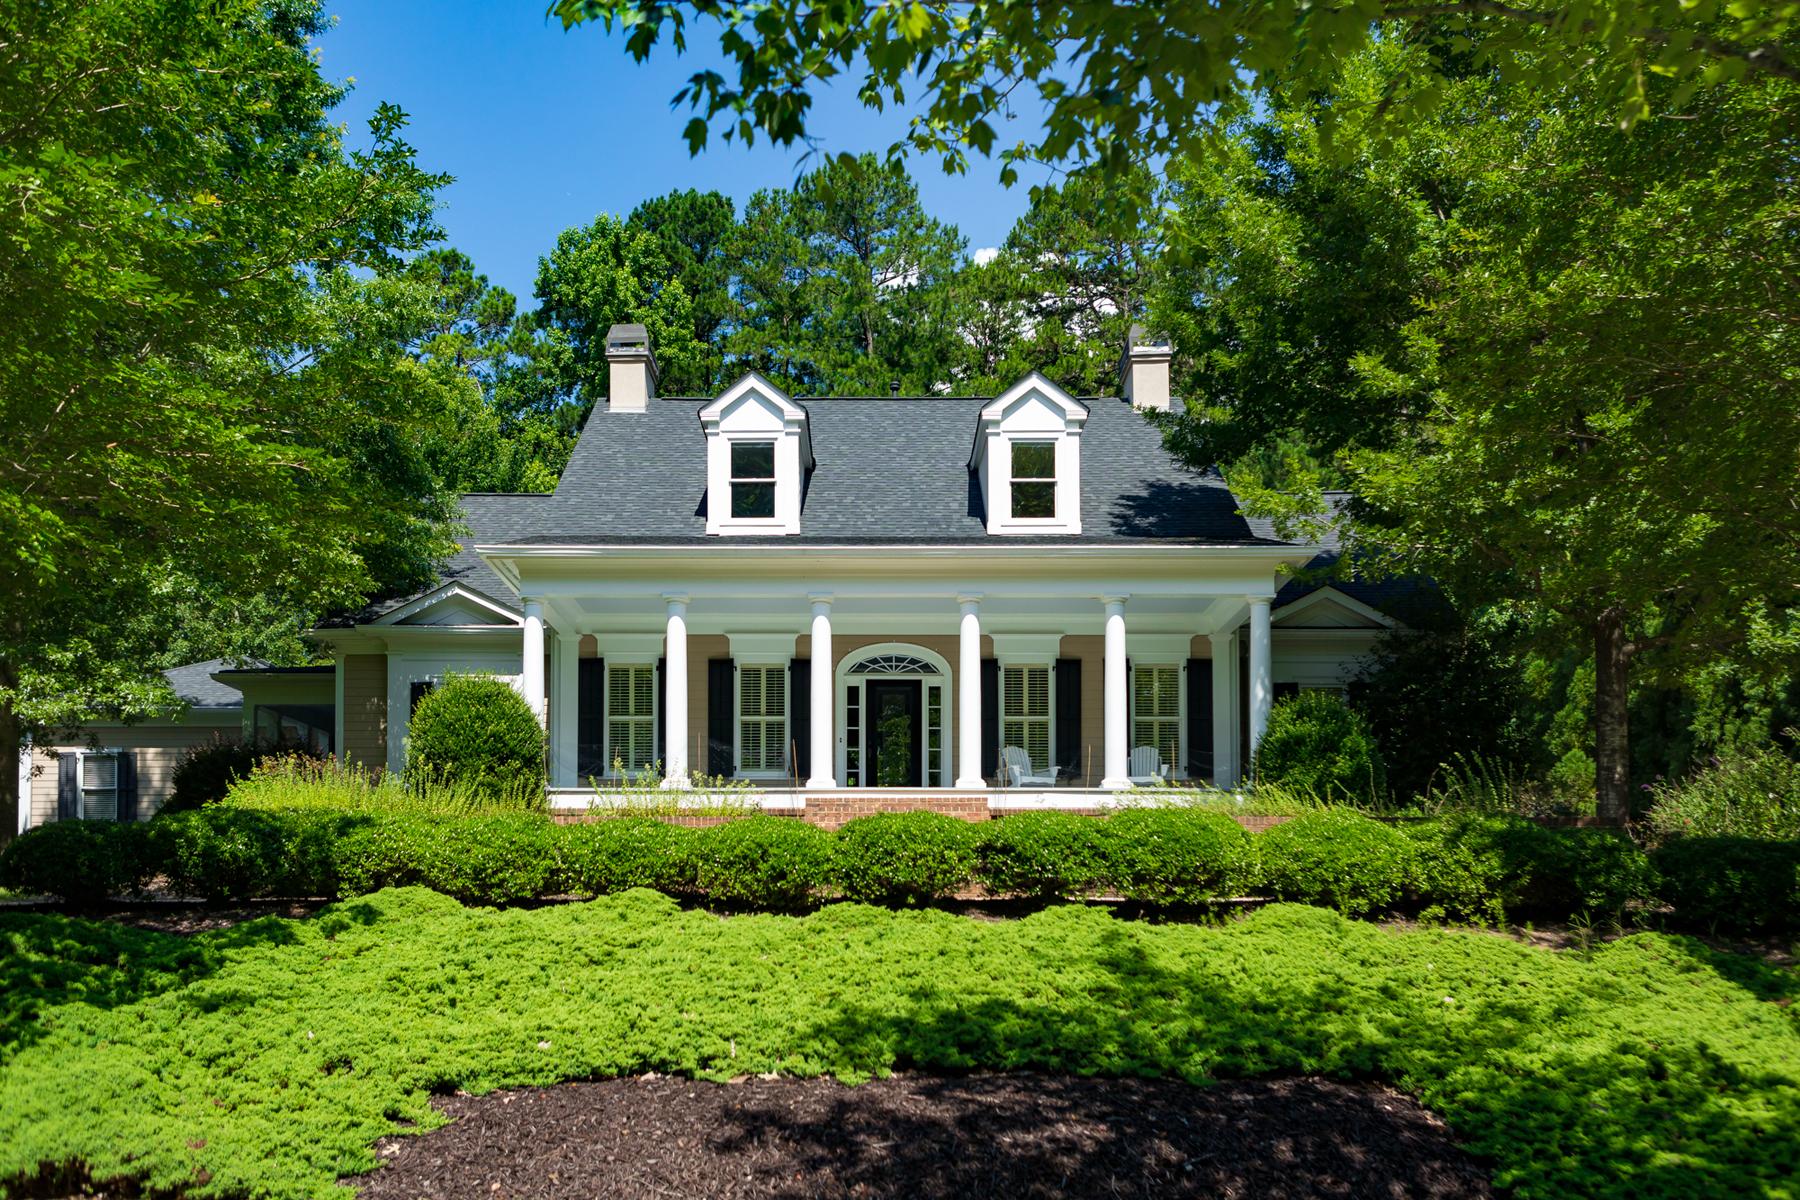 一戸建て のために 売買 アット CUSTOM HIGHGROVE HOME WITH MASTER ON MAIN, FINISHED BASEMENT & 4+ CAR GARAGE 210 Old Ivy Fayetteville, ジョージア 30215 アメリカ合衆国